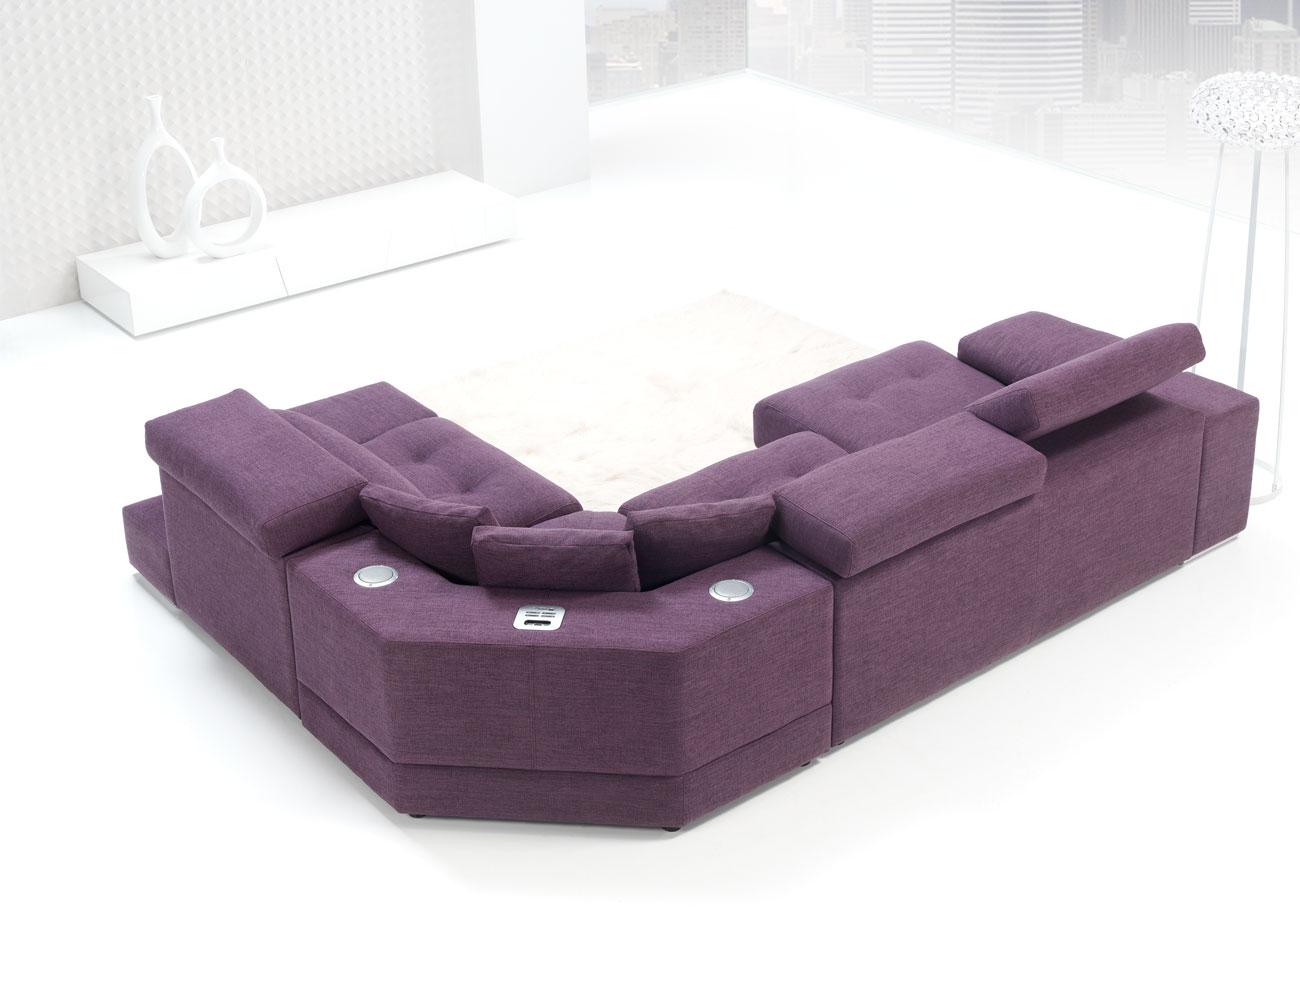 Sofa chaiselongue rincon con brazo mecanico tejido anti manchas 317